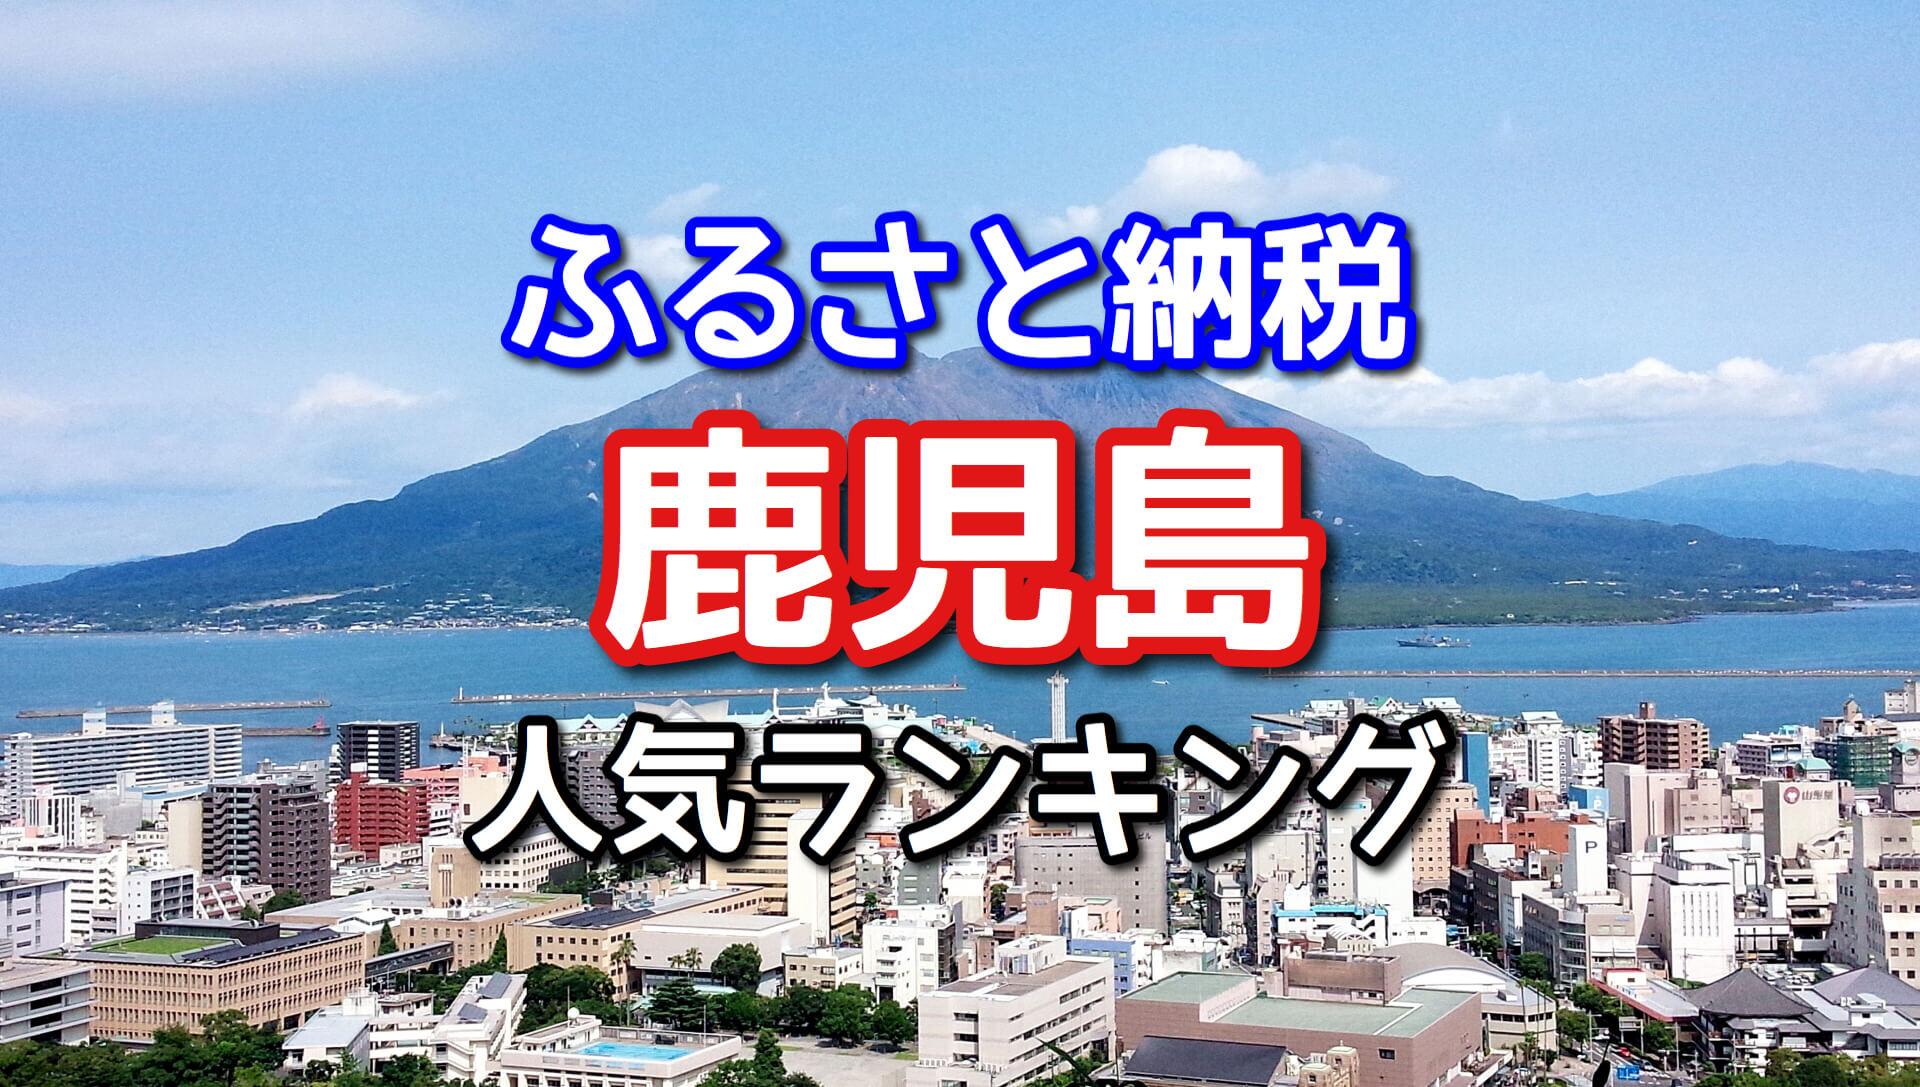 【ふるさと納税】鹿児島の返礼品おすすめ10選!人気ランキング2018